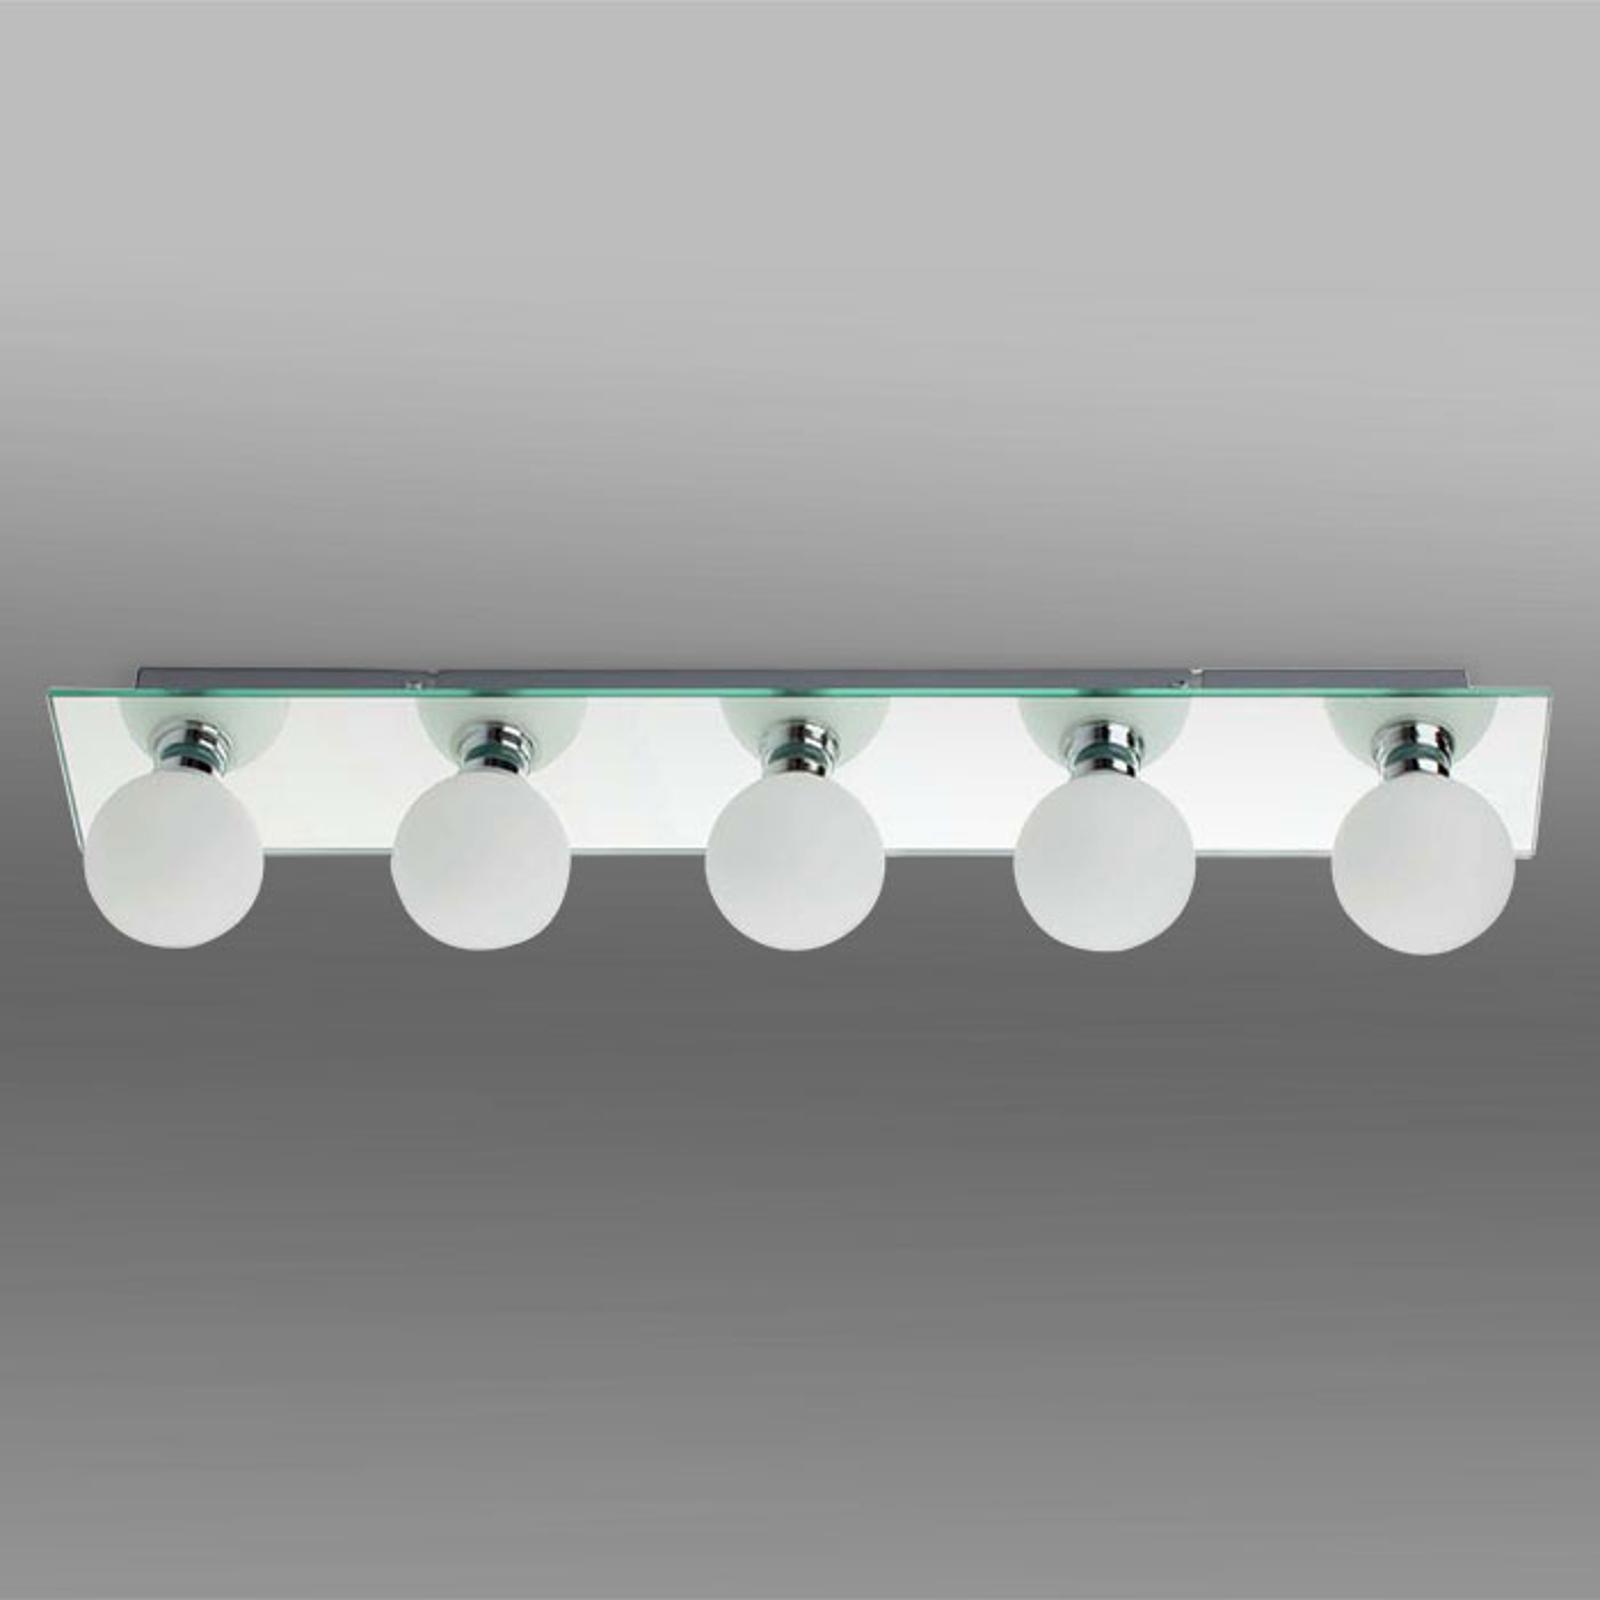 LASS taklampe til bad av speilglass med fem lys